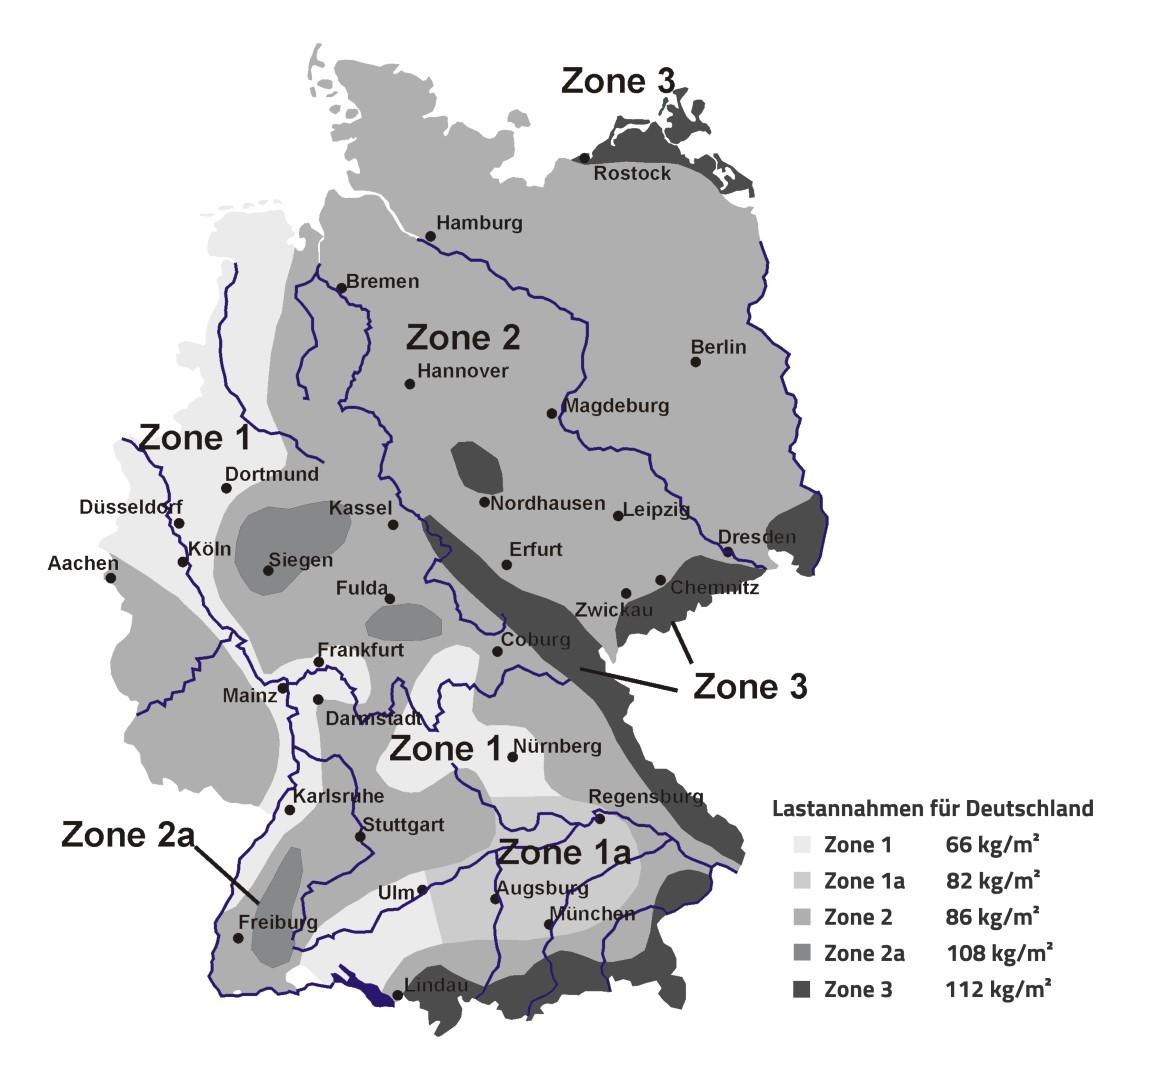 Schneelastzonenkarte der envitron-systems GmbH